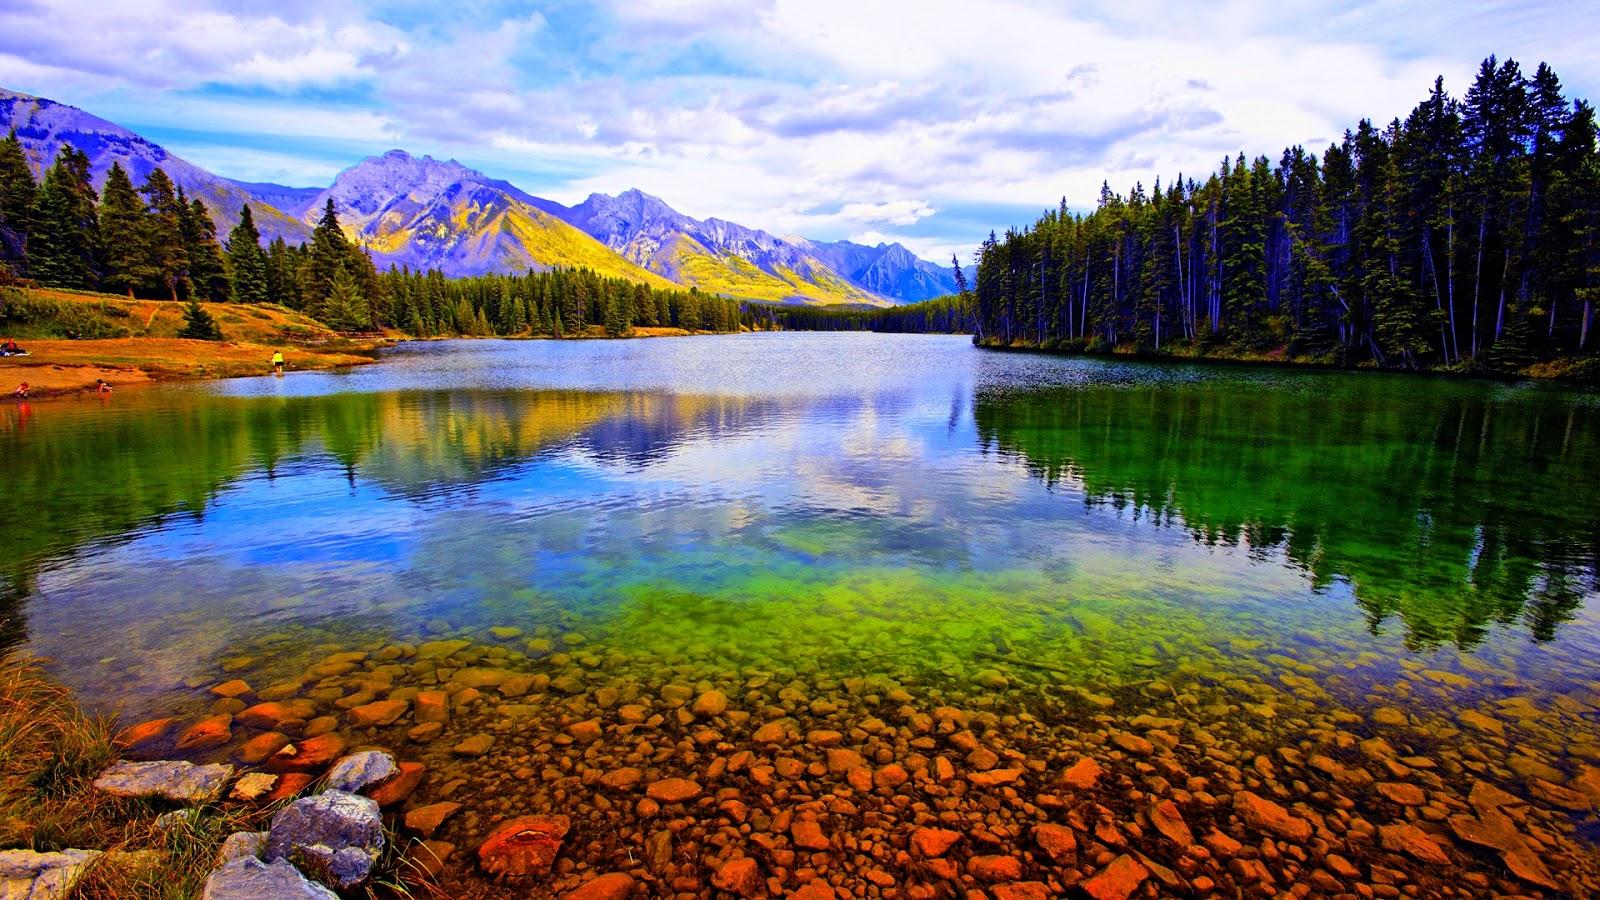 Hồ nước giữa rừng thông rất đẹp